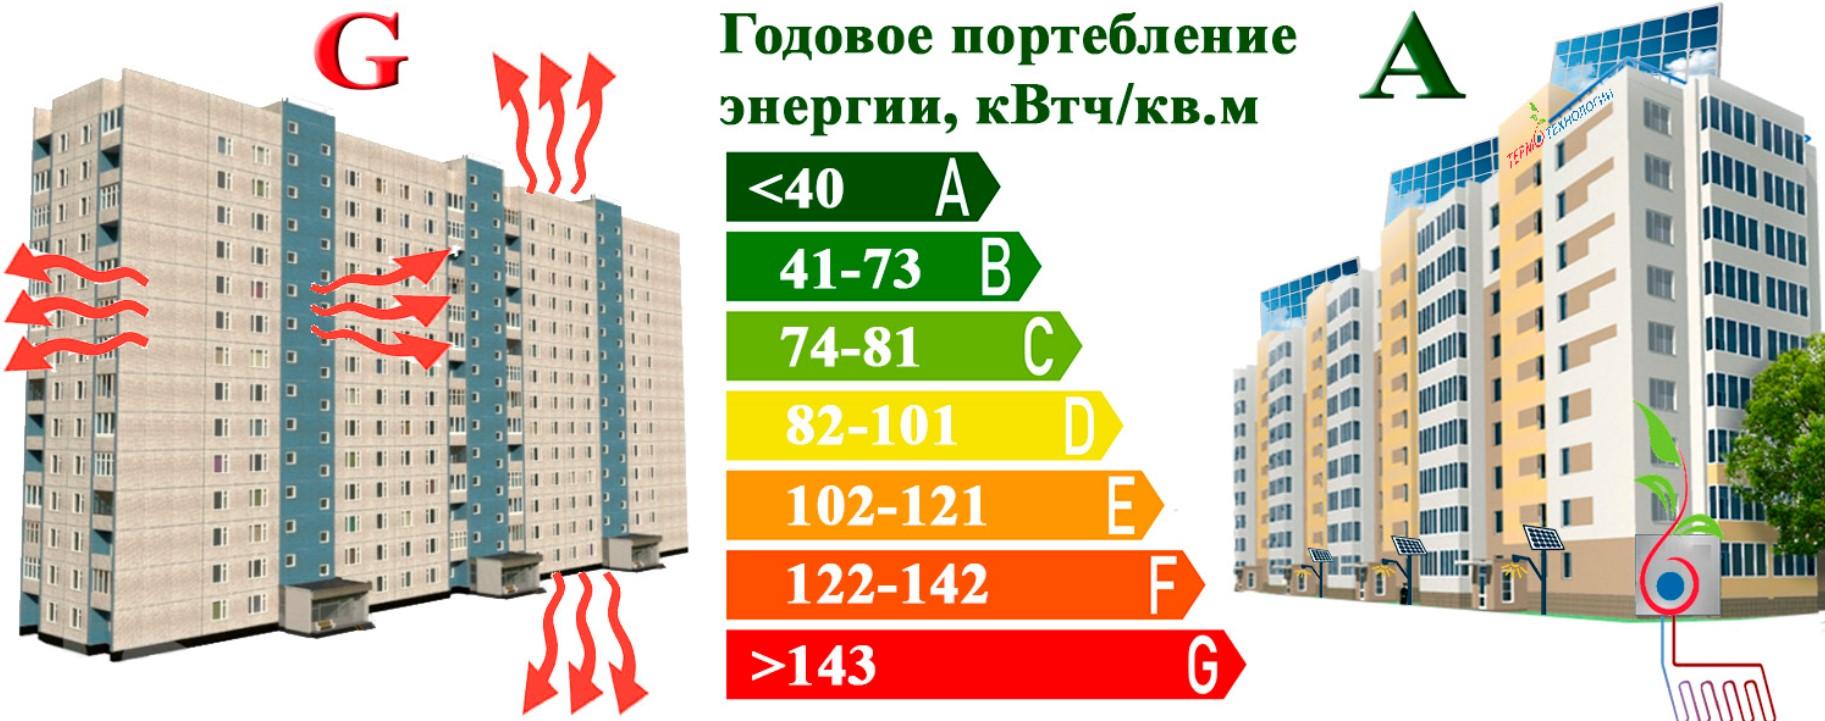 Разница в энергопотреблении. Різниця в енерговикористанні